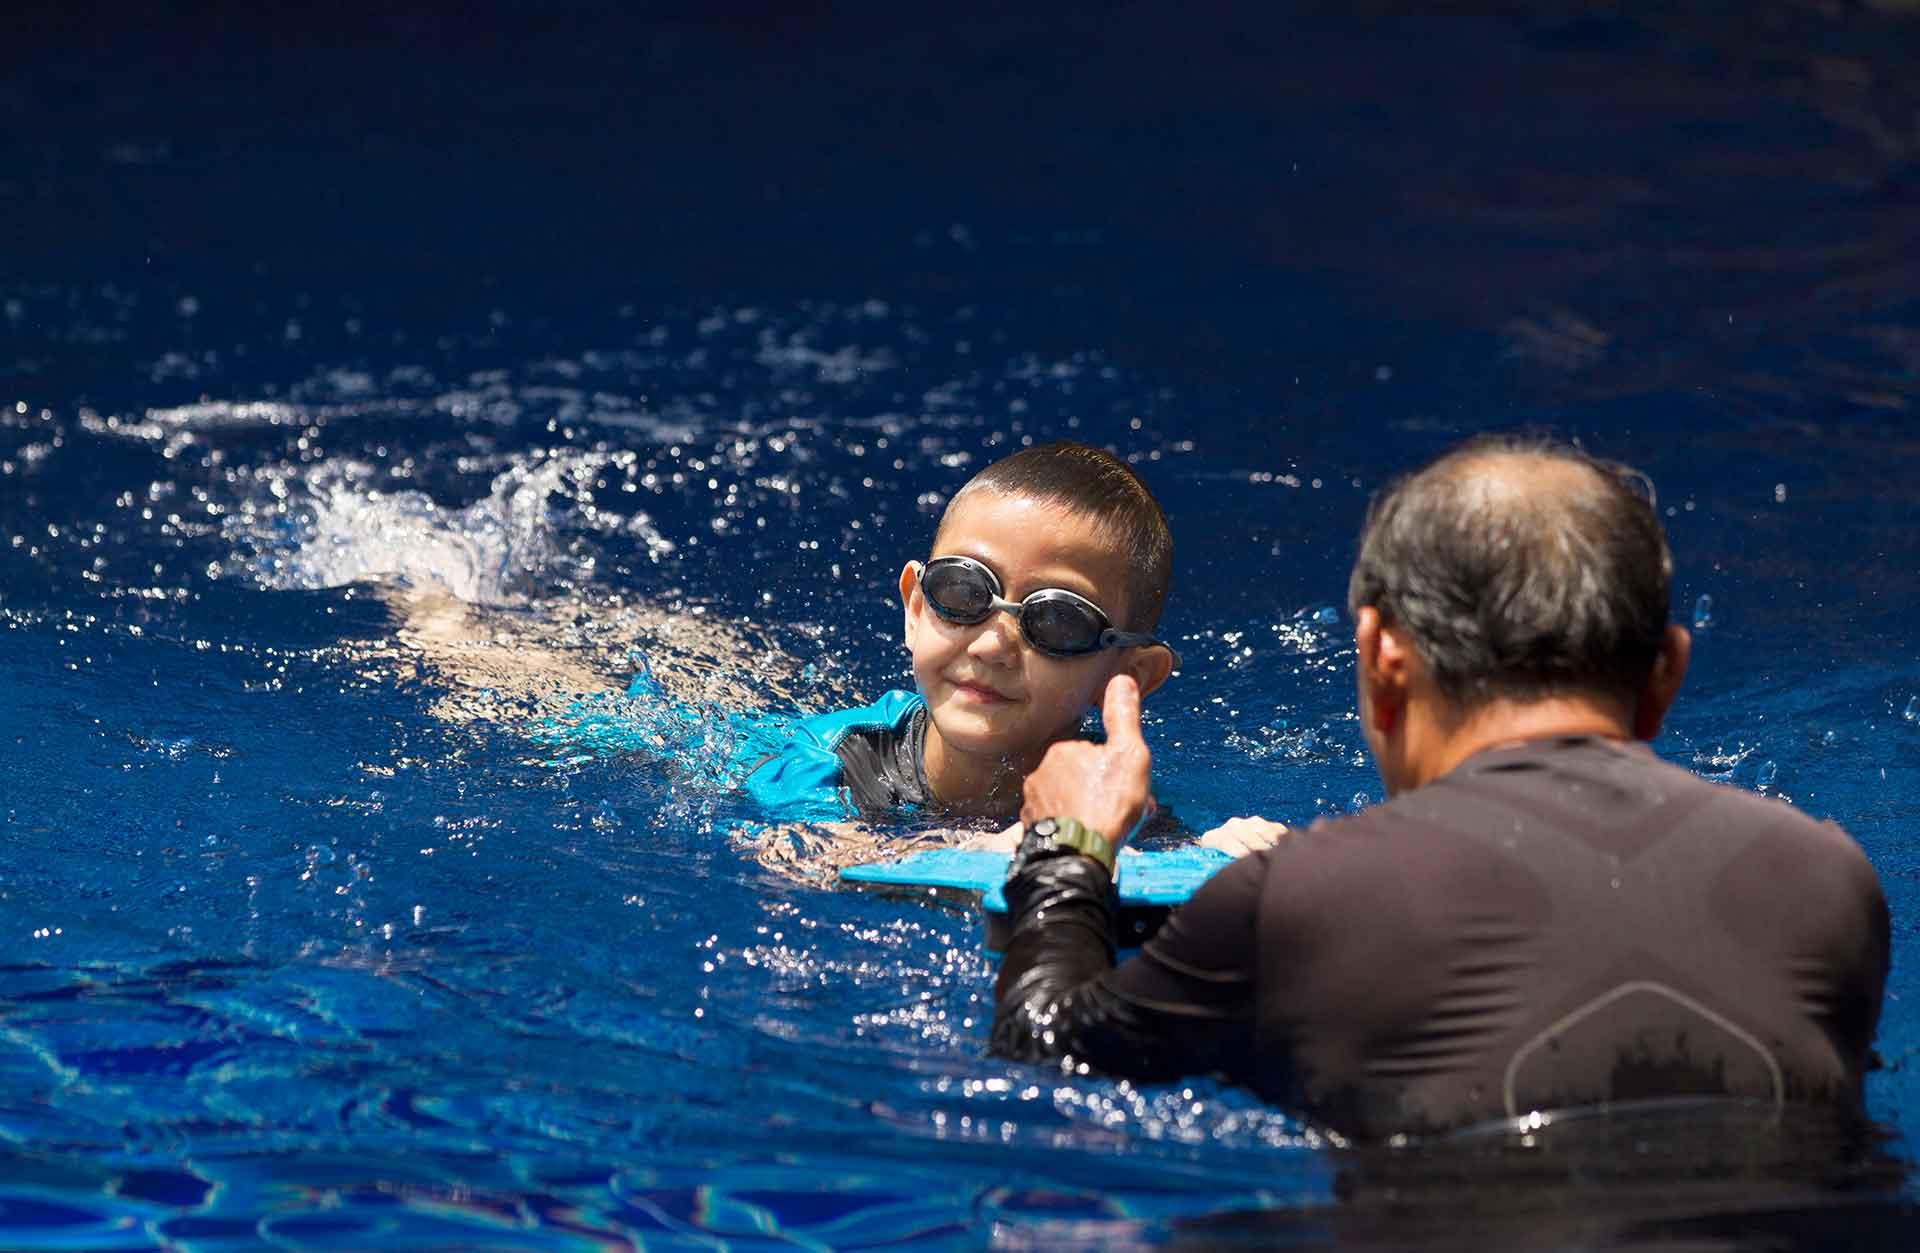 Spraakmakende strafzaken - Ontucht zwemleraar